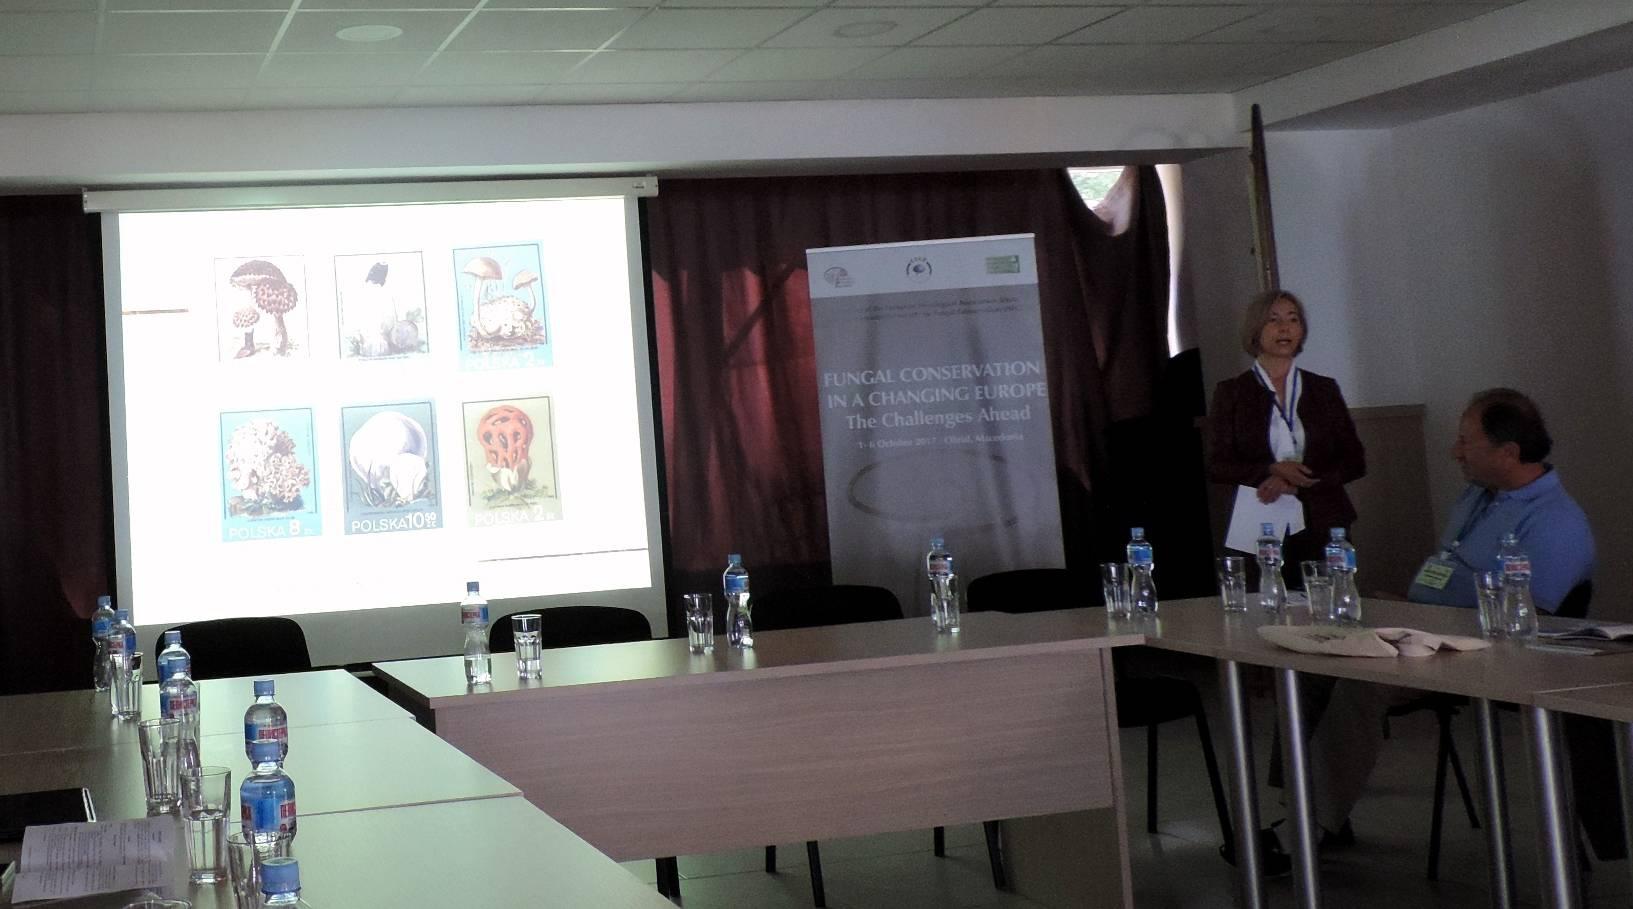 Izabela Kalucka on status of legal protection of macrofungi in Poland